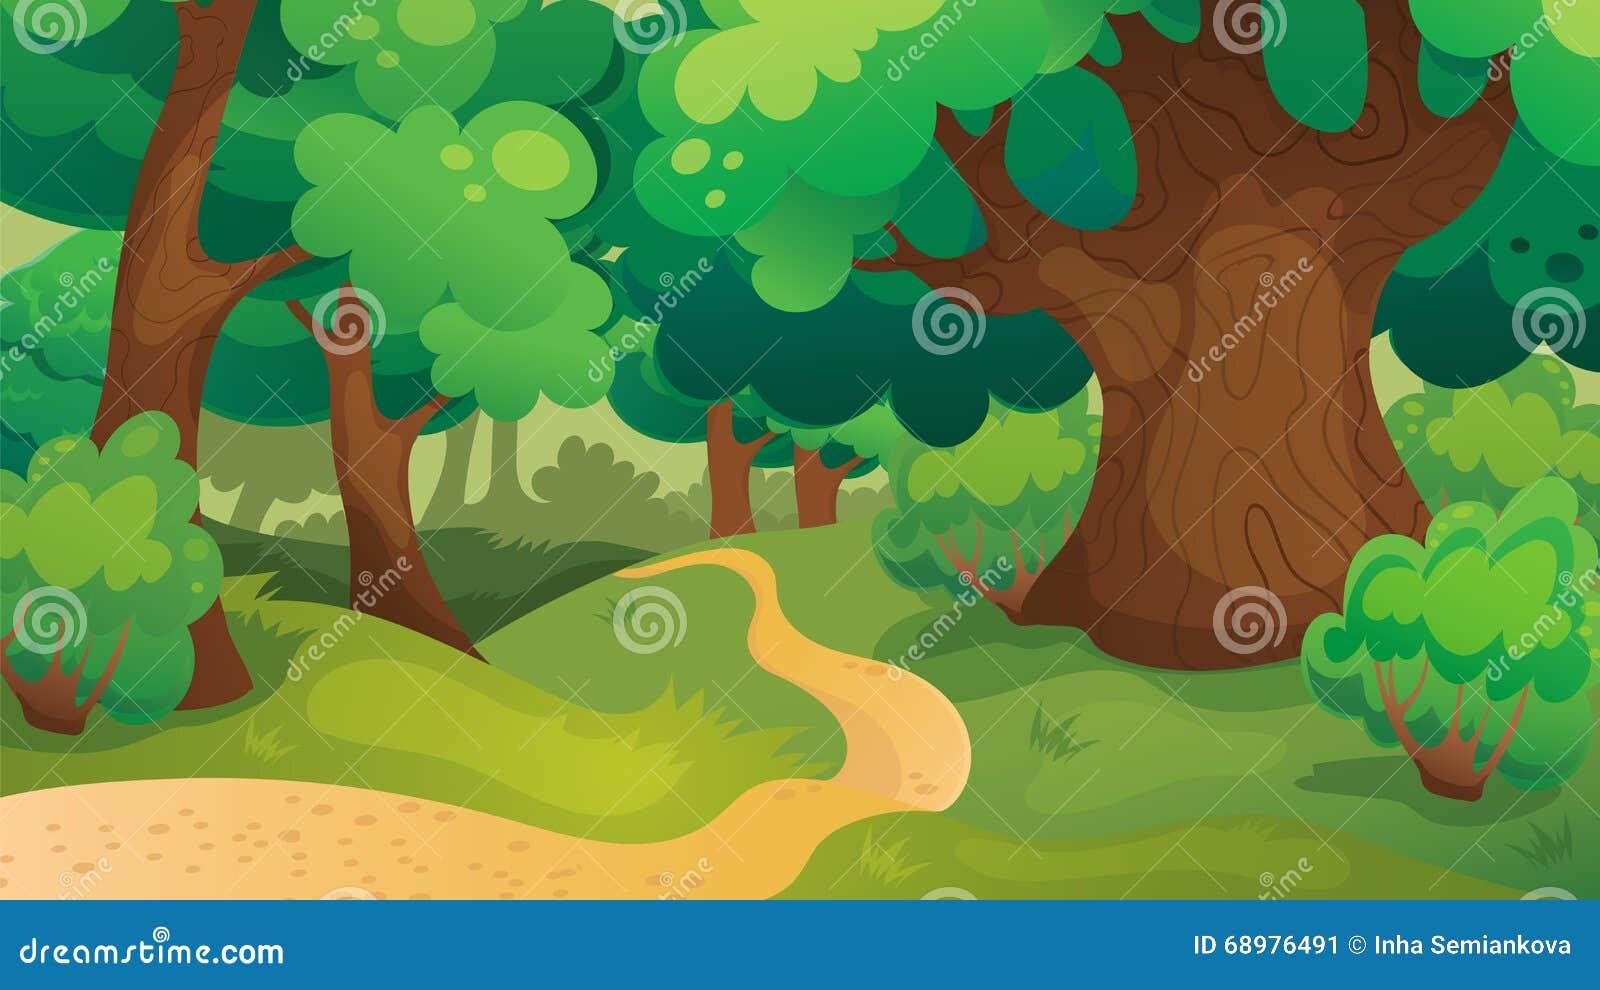 橡木森林比赛背景